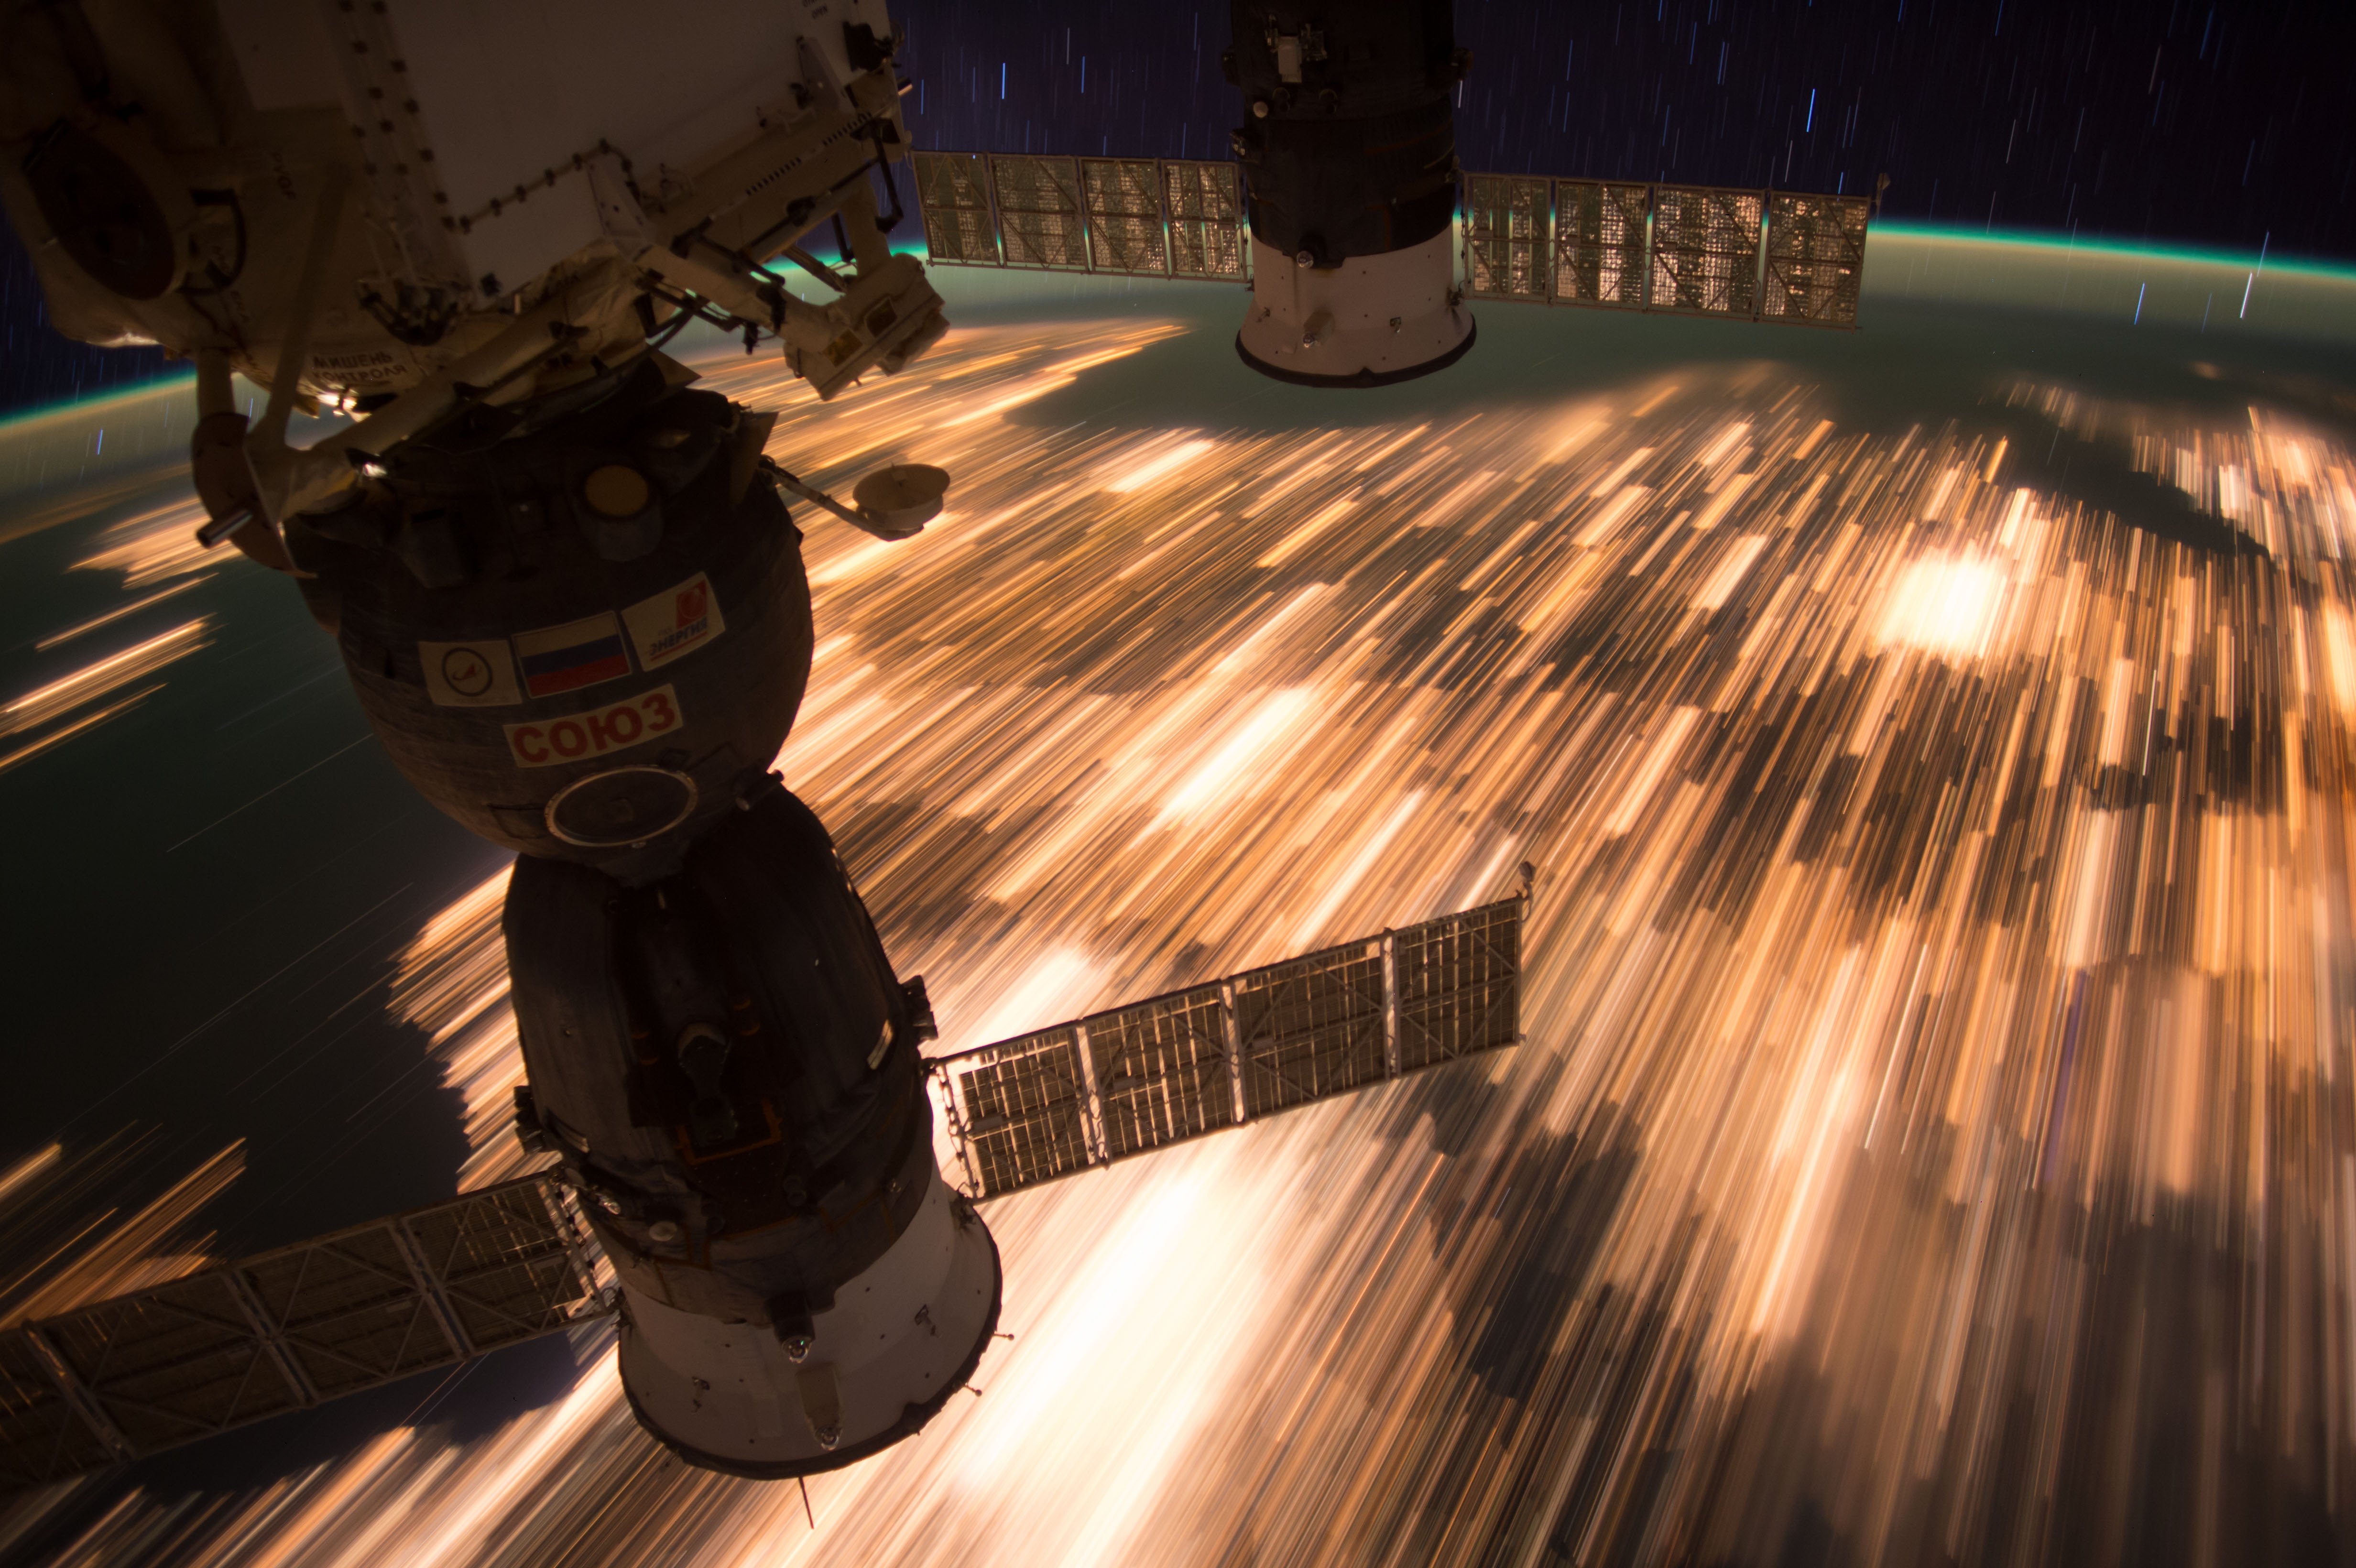 Так станция движется над нашей планетой. Фото: NASA во Flickr - https://www.flickr.com/photos/nasa2explore/